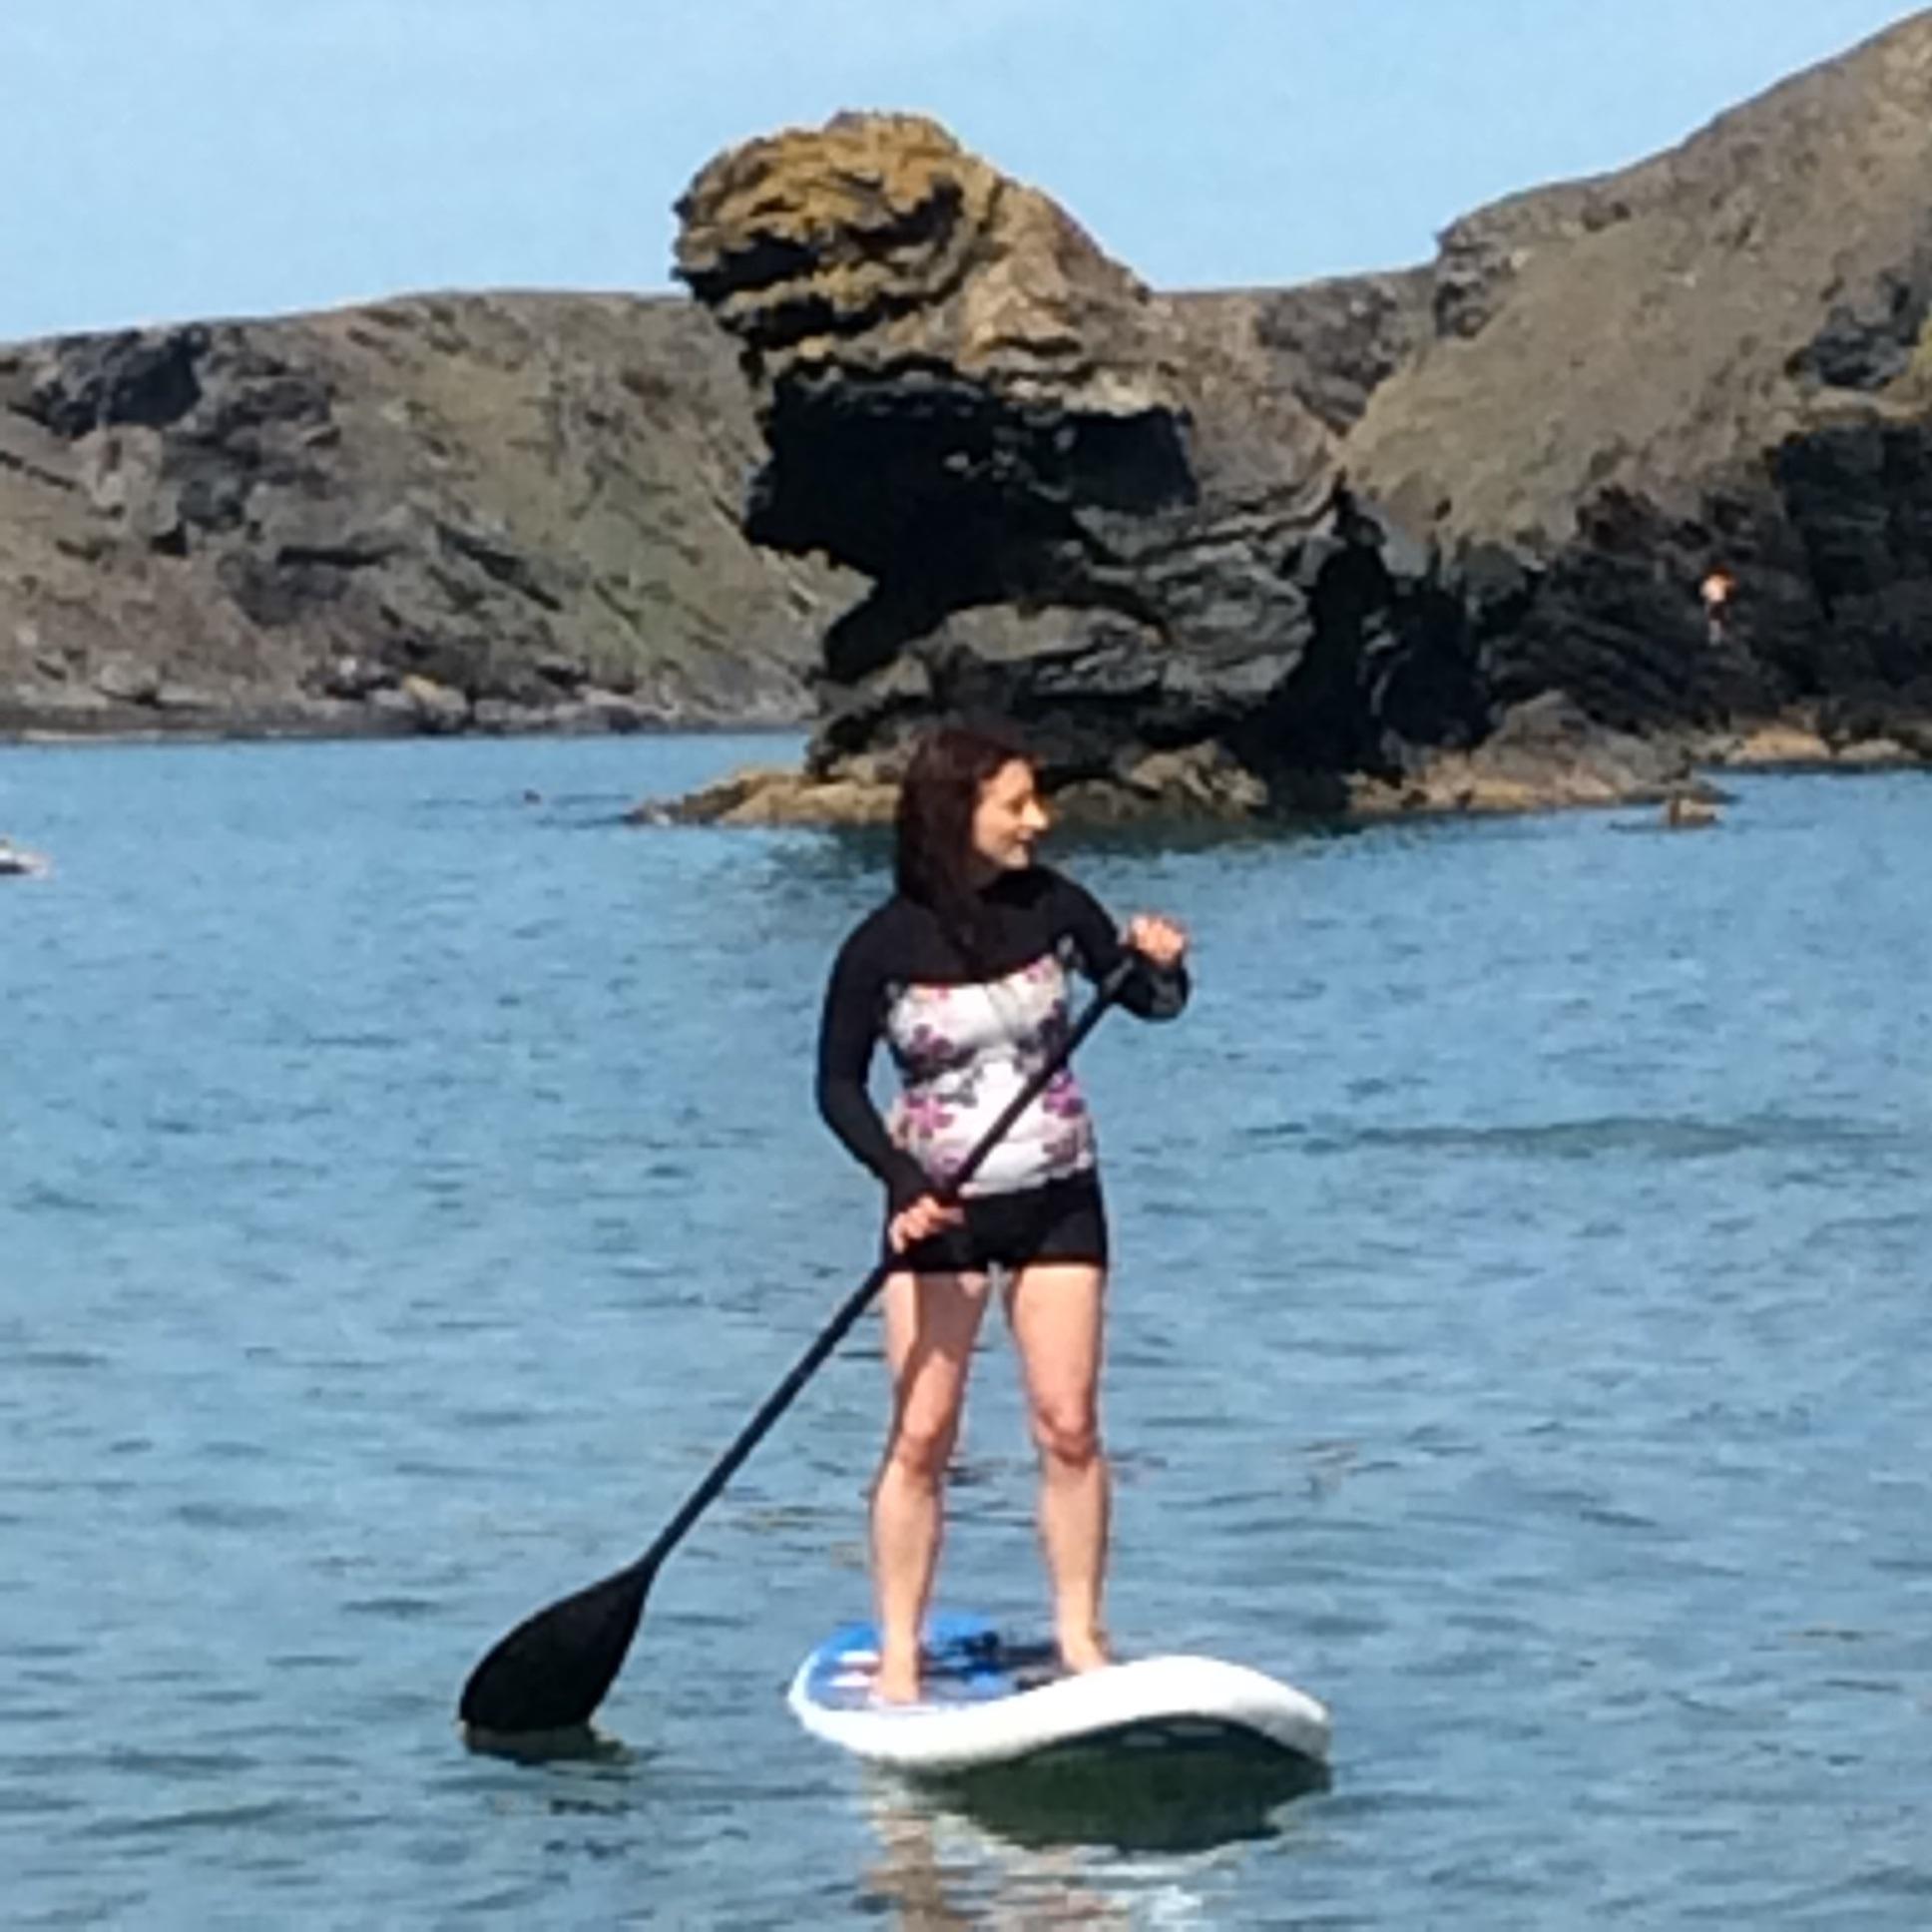 Paddleboarding in Llangrannog